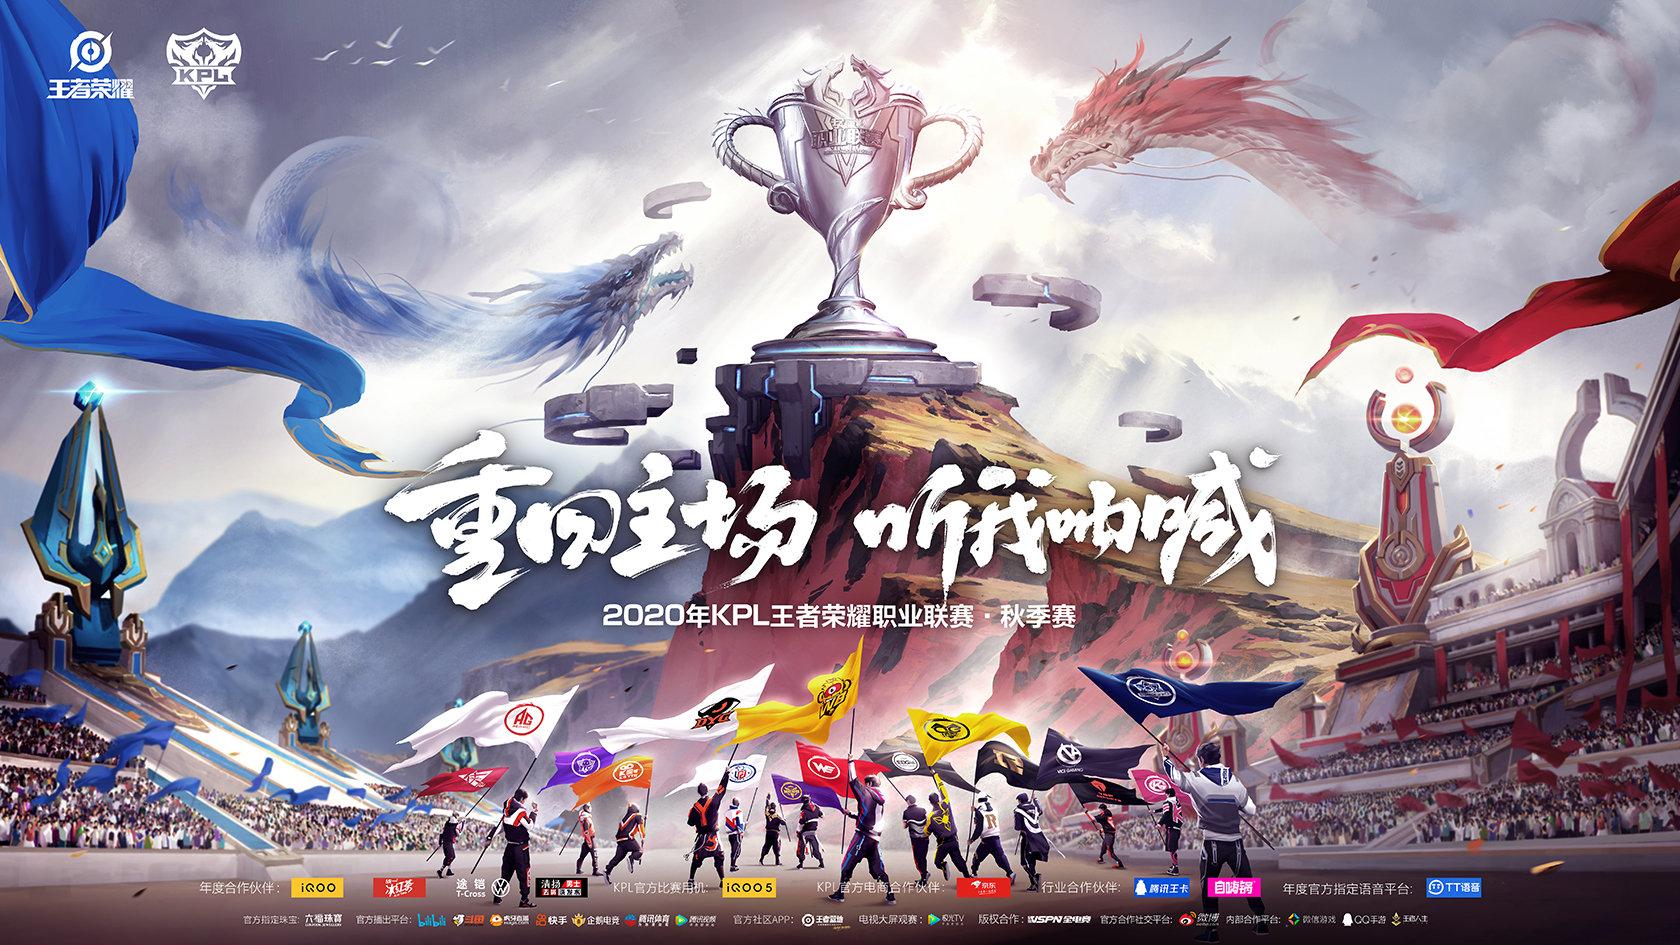 2020kpl秋季赛常规赛9月16日Hero久竞vsTTG第二场比赛视频回放